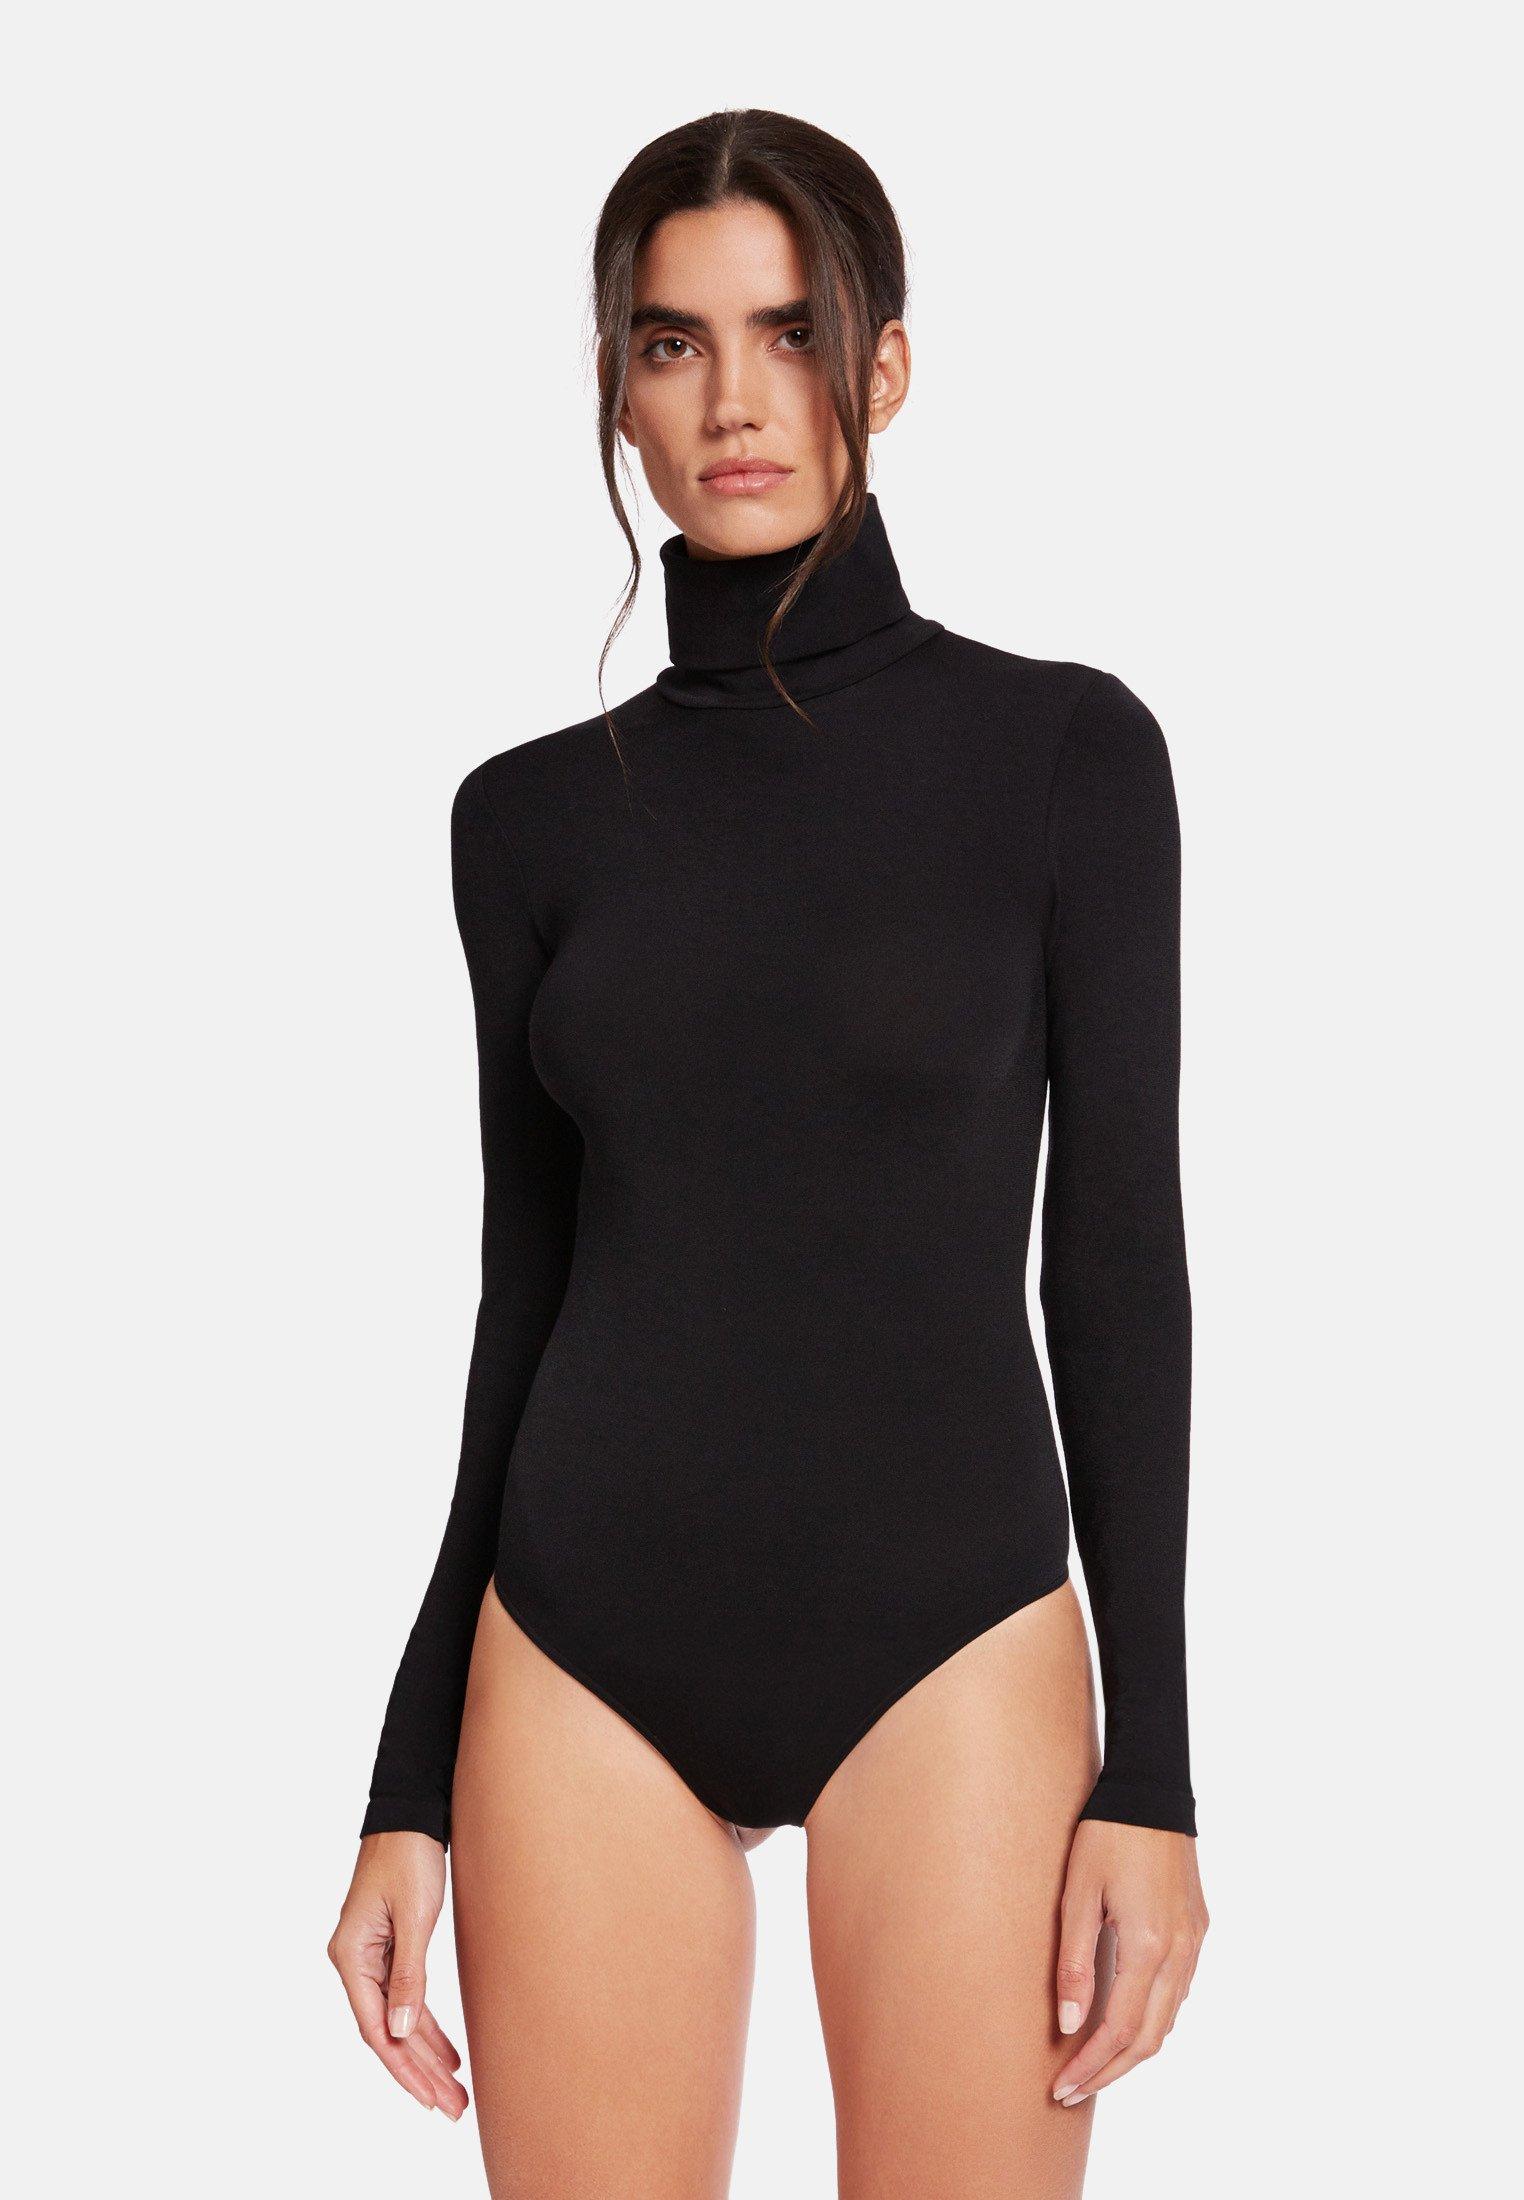 Femme COLORADO - Body